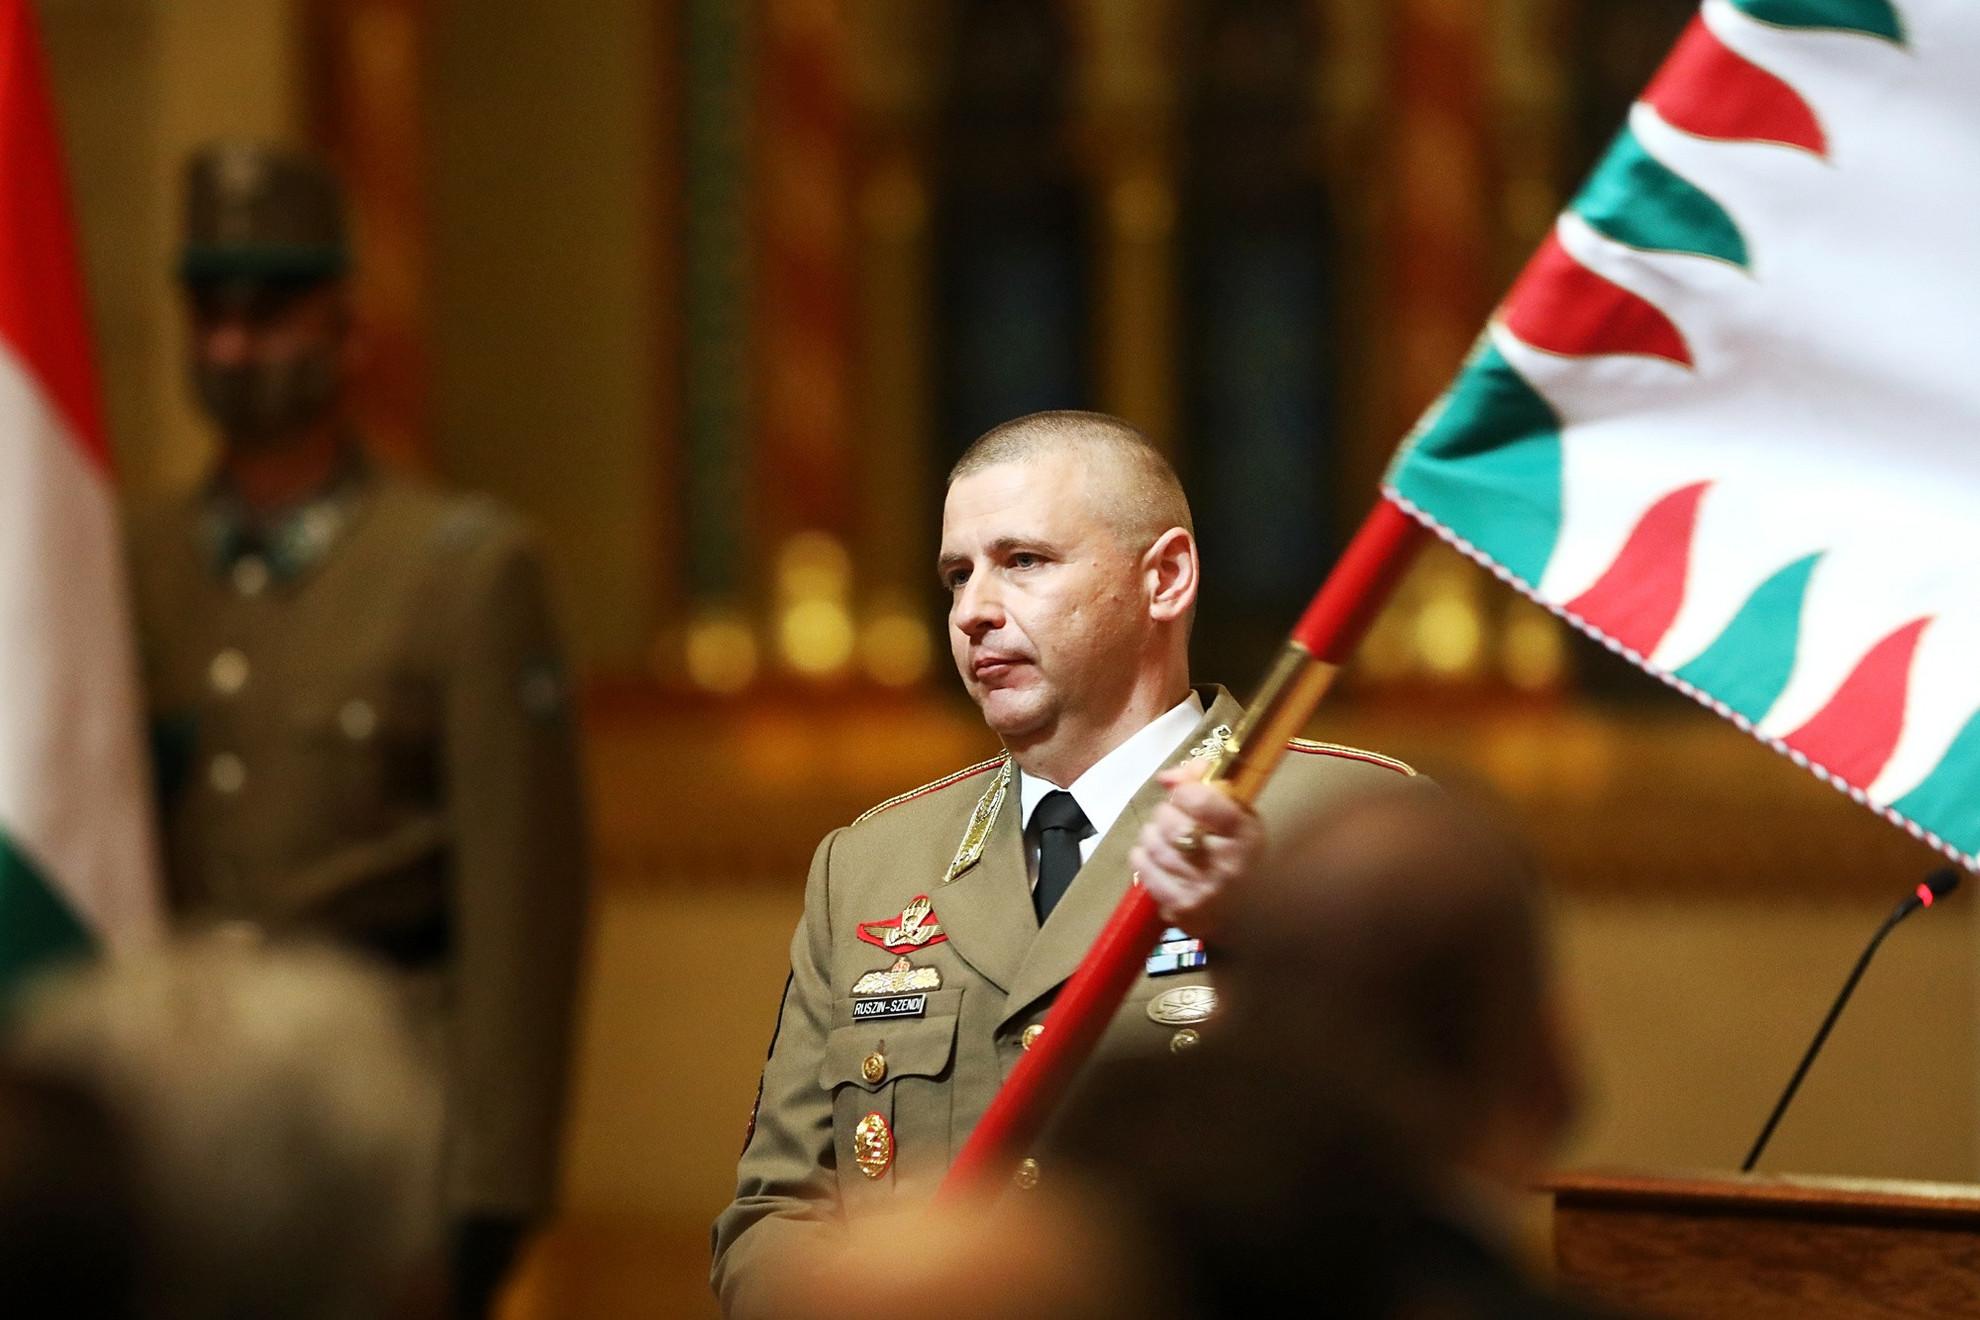 Ruszin-Szendi Romulusz, az újonnan kinevezett parancsnok a Magyar Honvédség csapatzászlajával